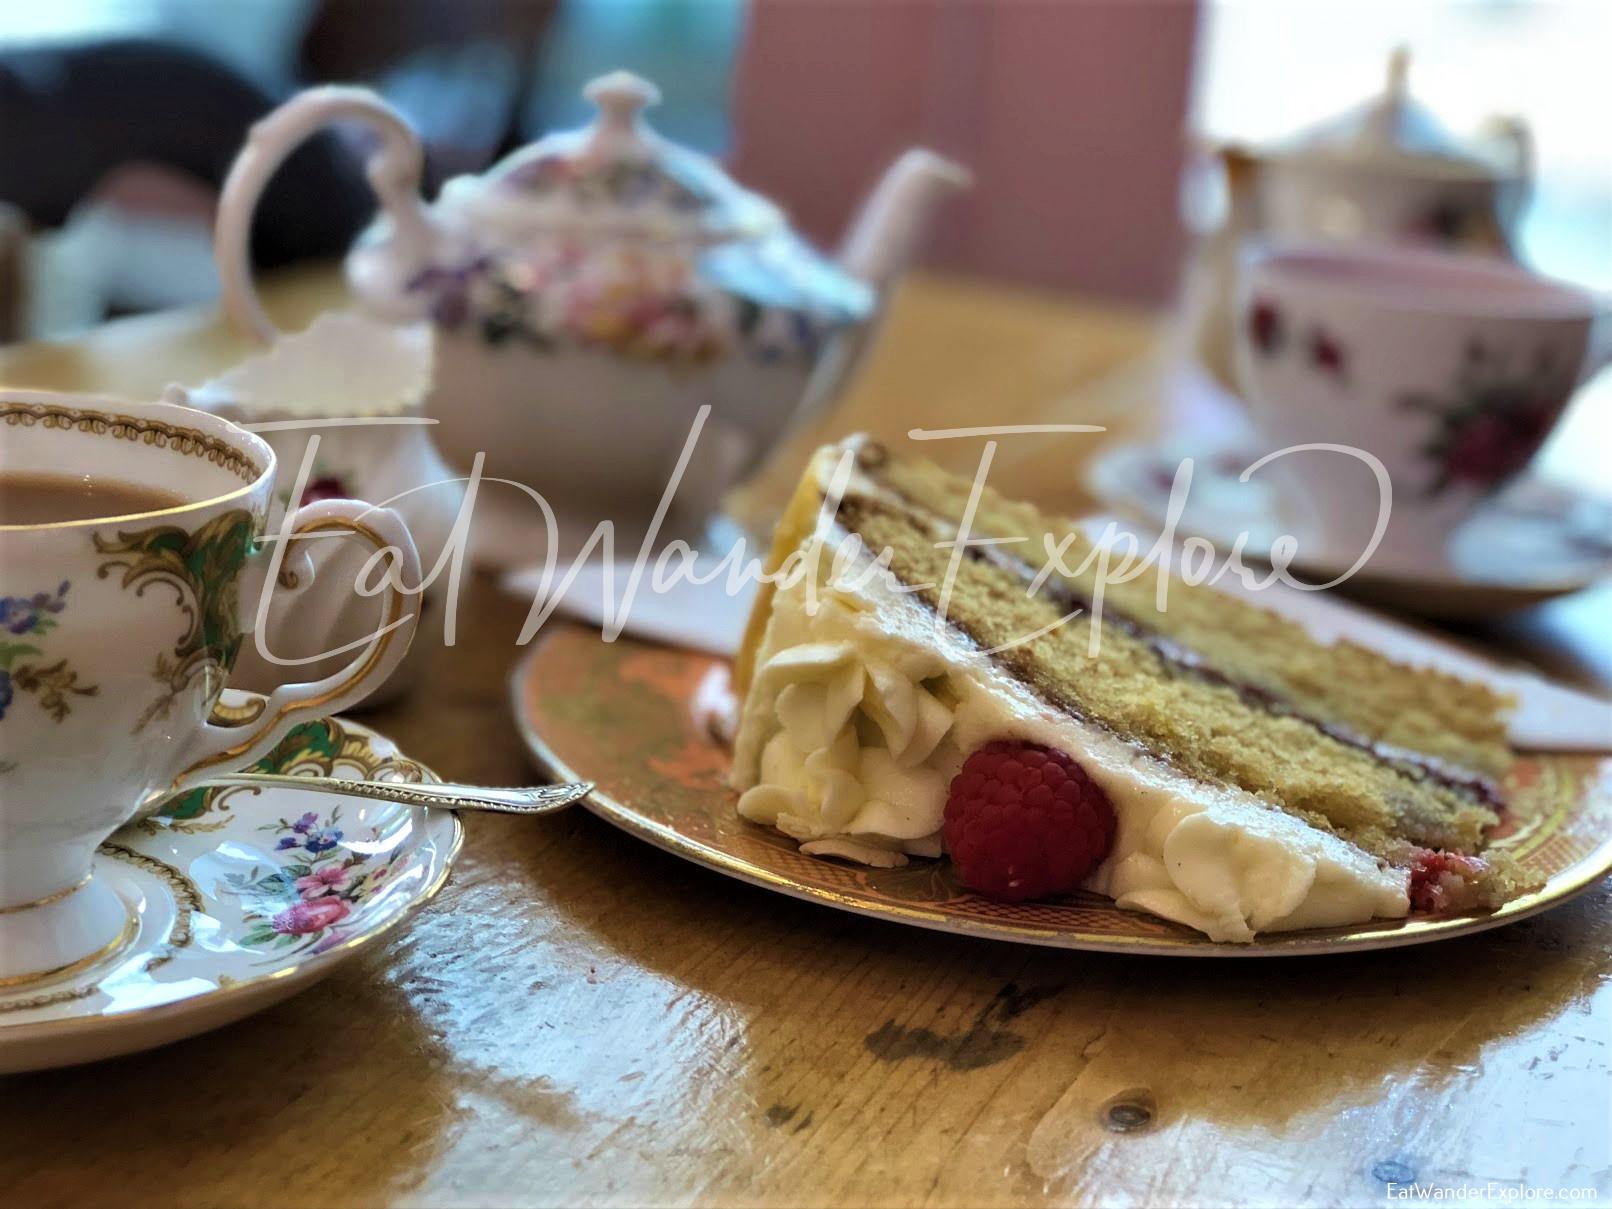 White Rabbit Teahouse cake and tea